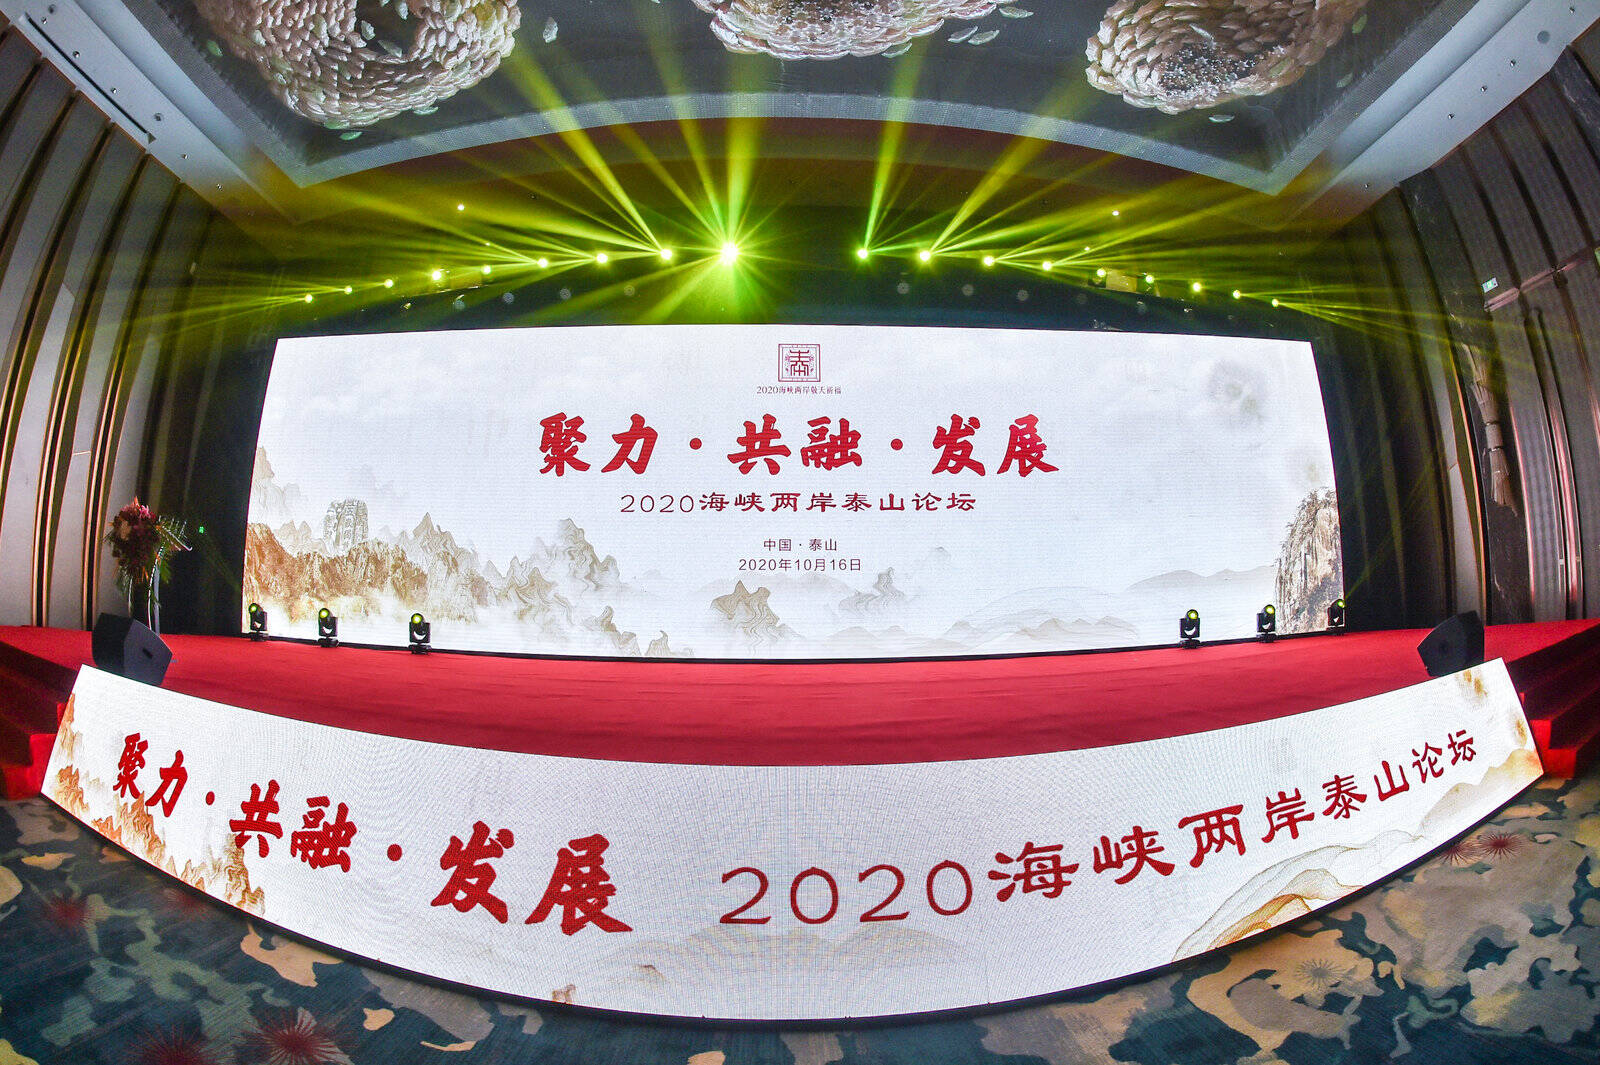 2020海峡两岸泰山论坛举行 17日将举行第五届海峡两岸敬天祈福盛典